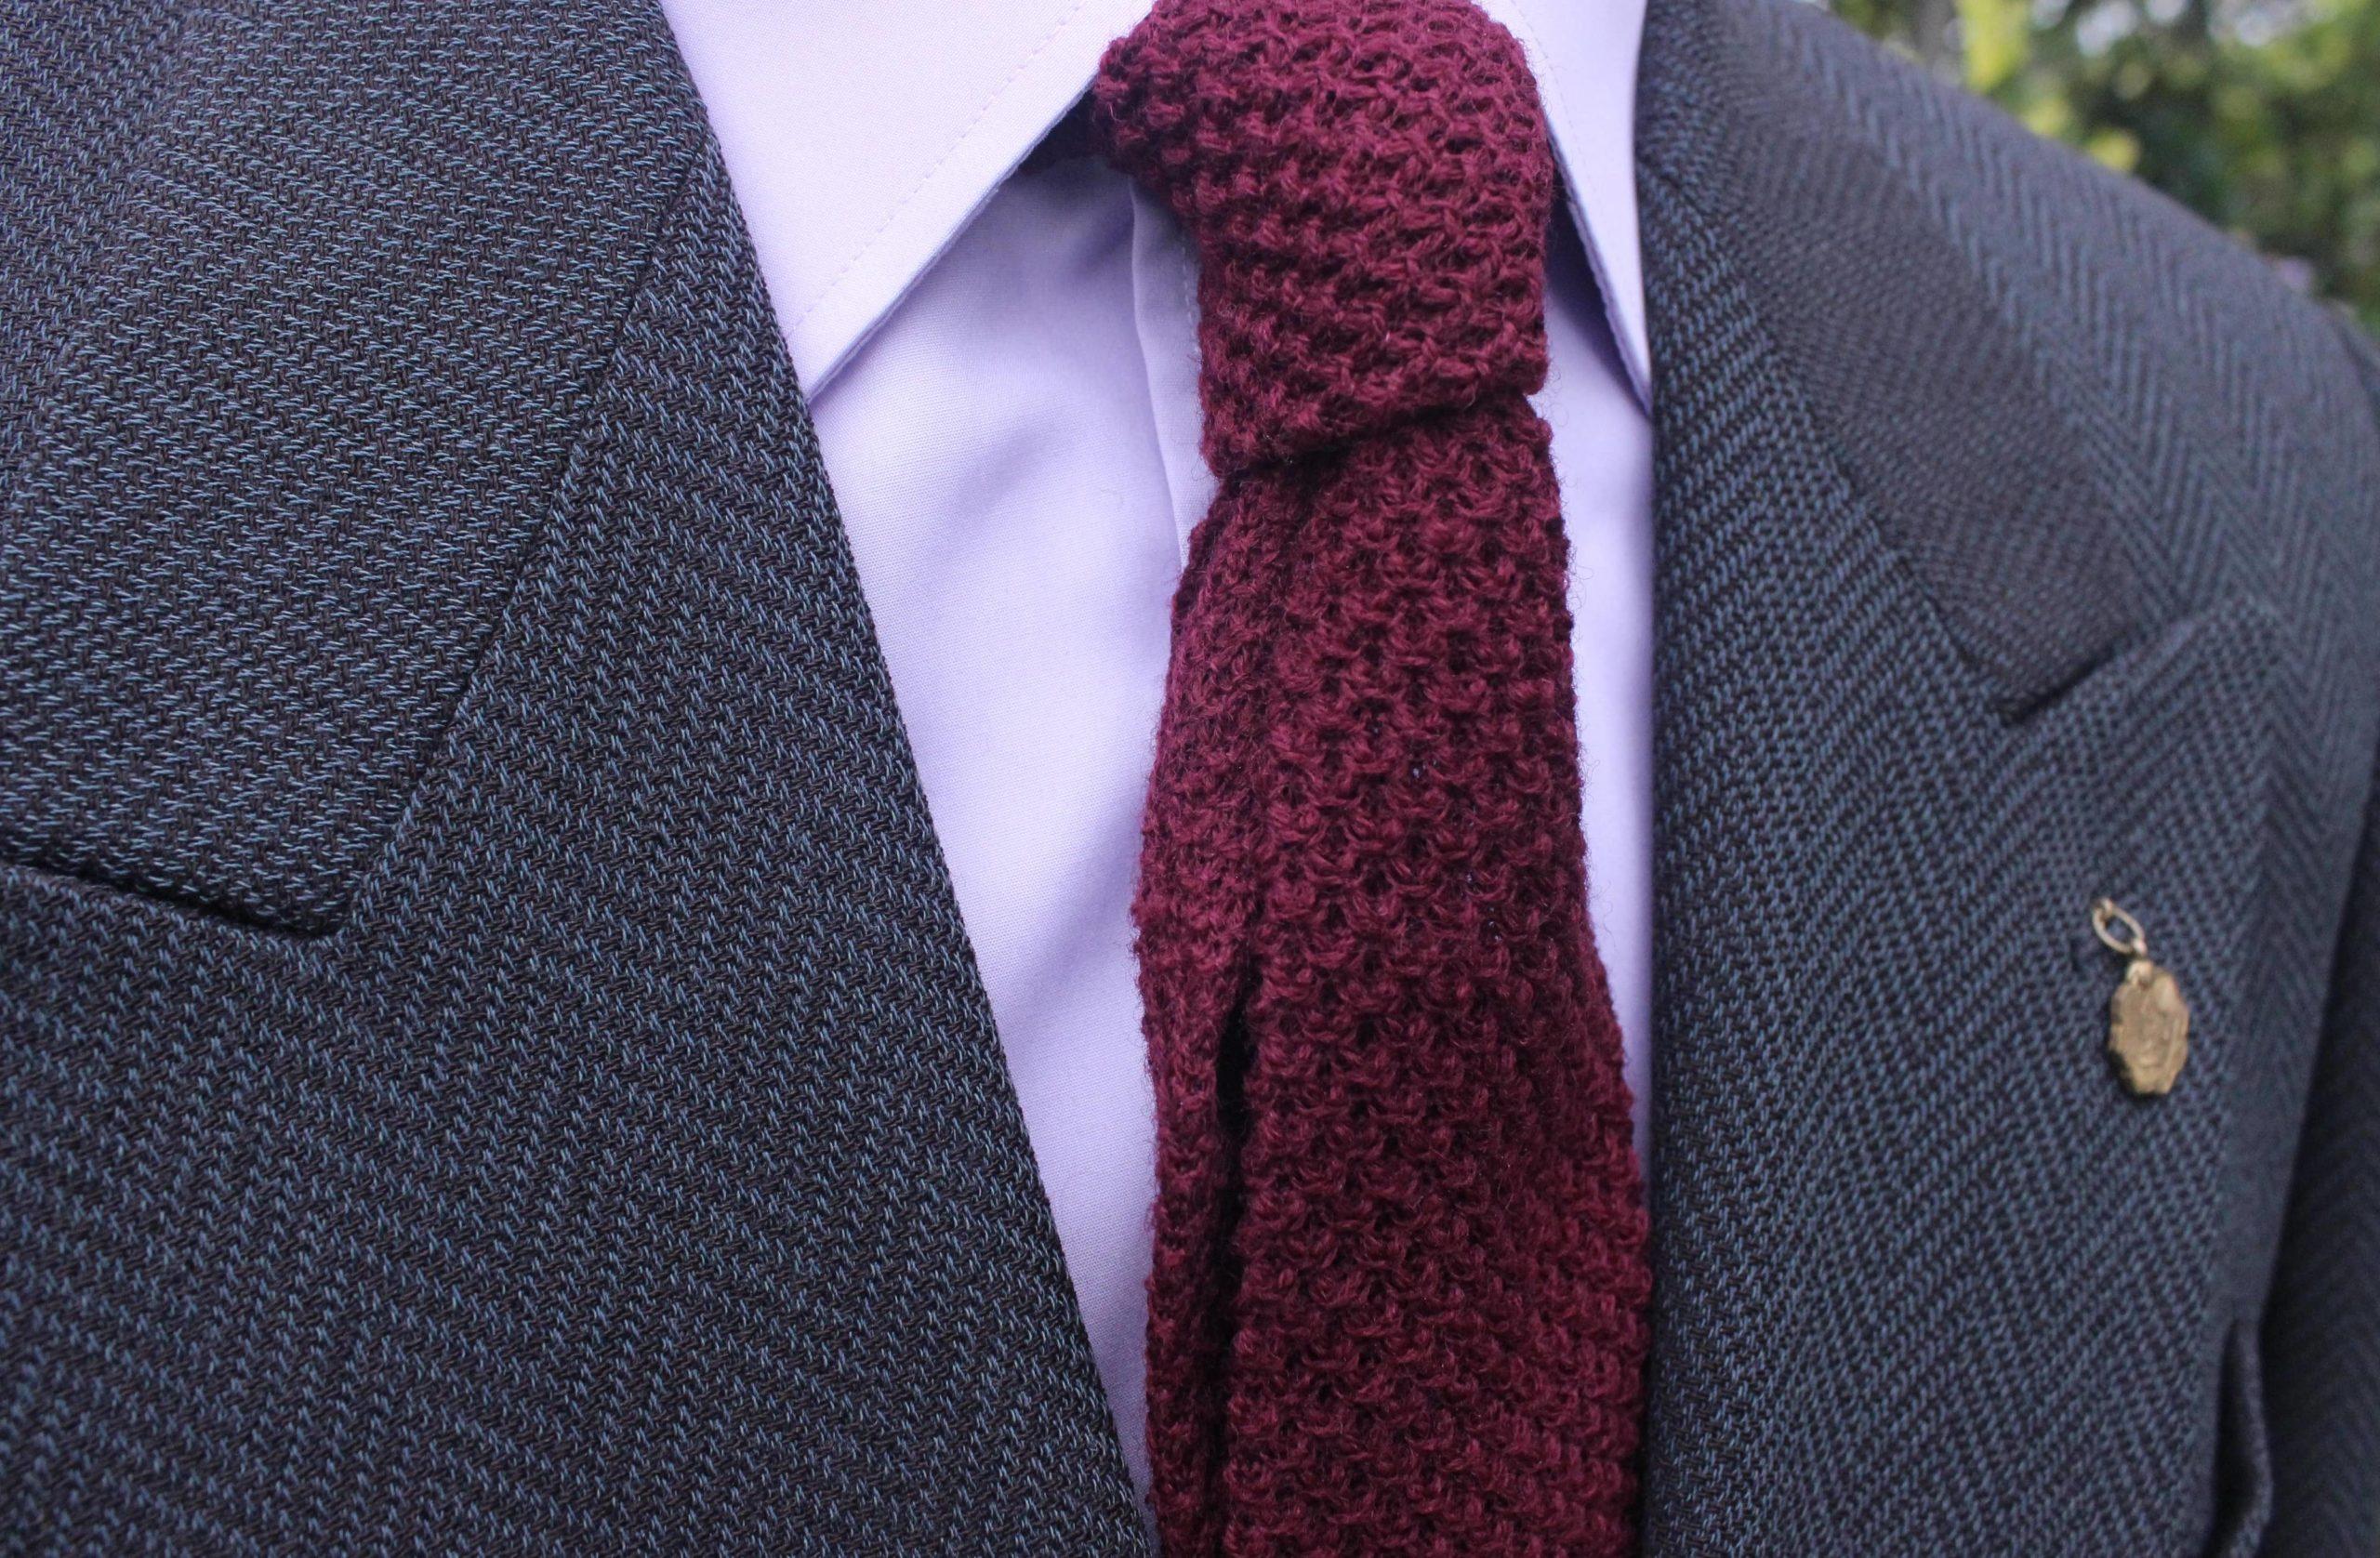 Krawat knit – wyjaśniamy, jak i kiedy można go nosić